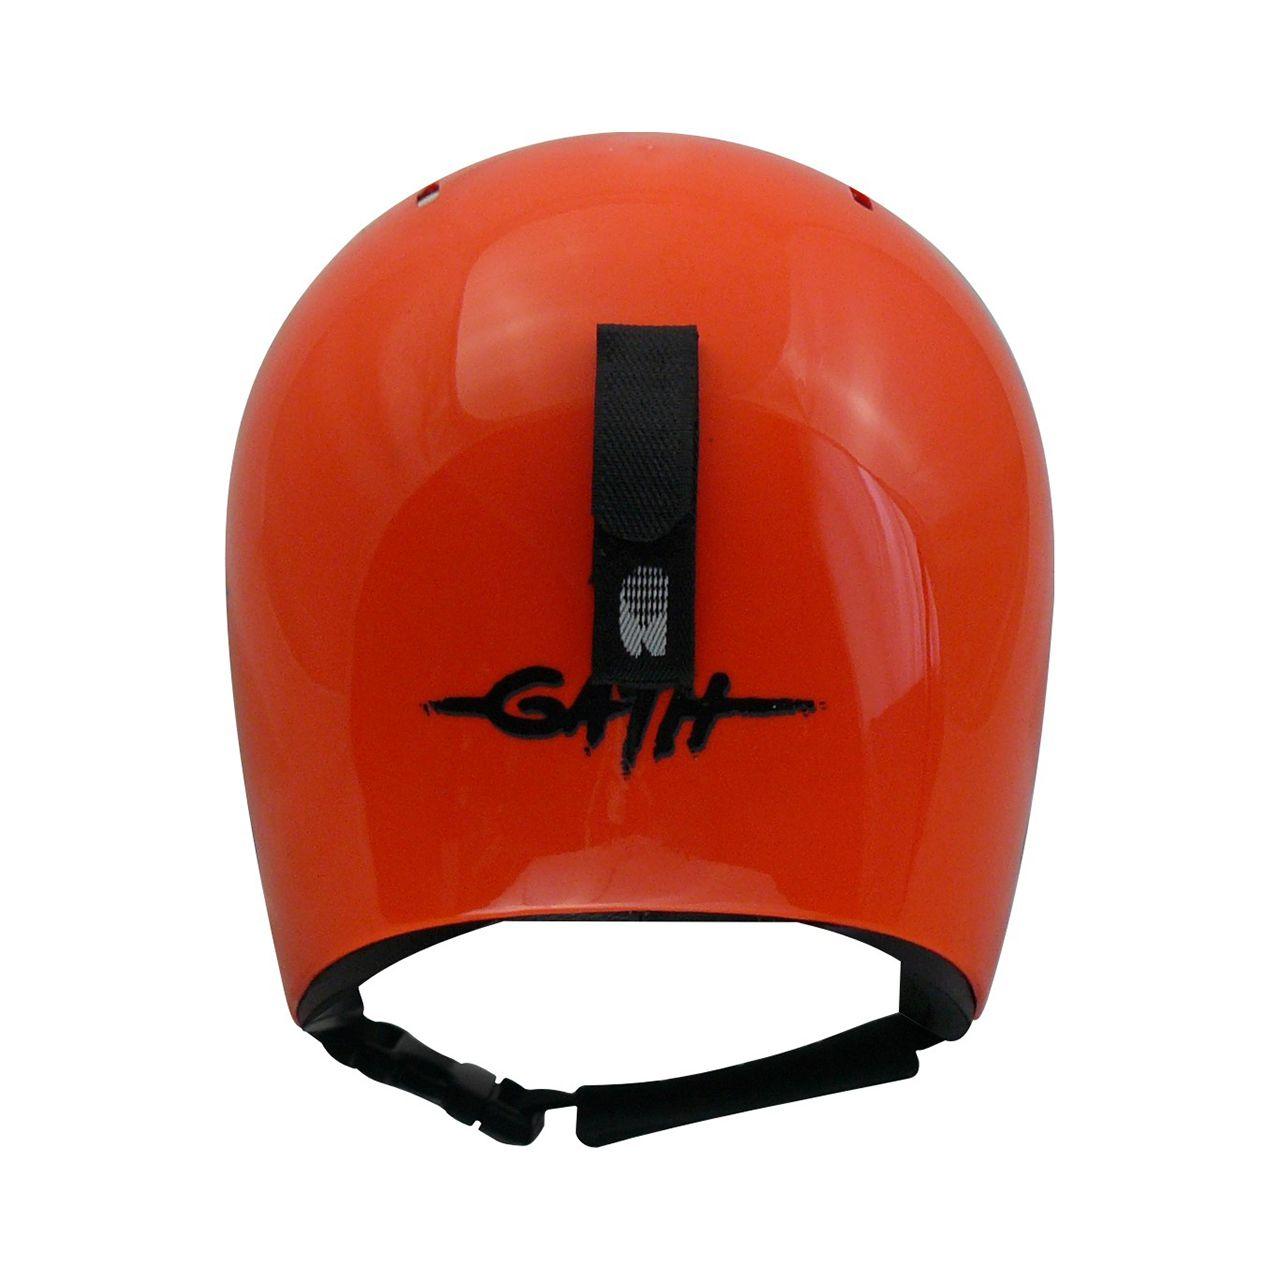 Helmet Straps